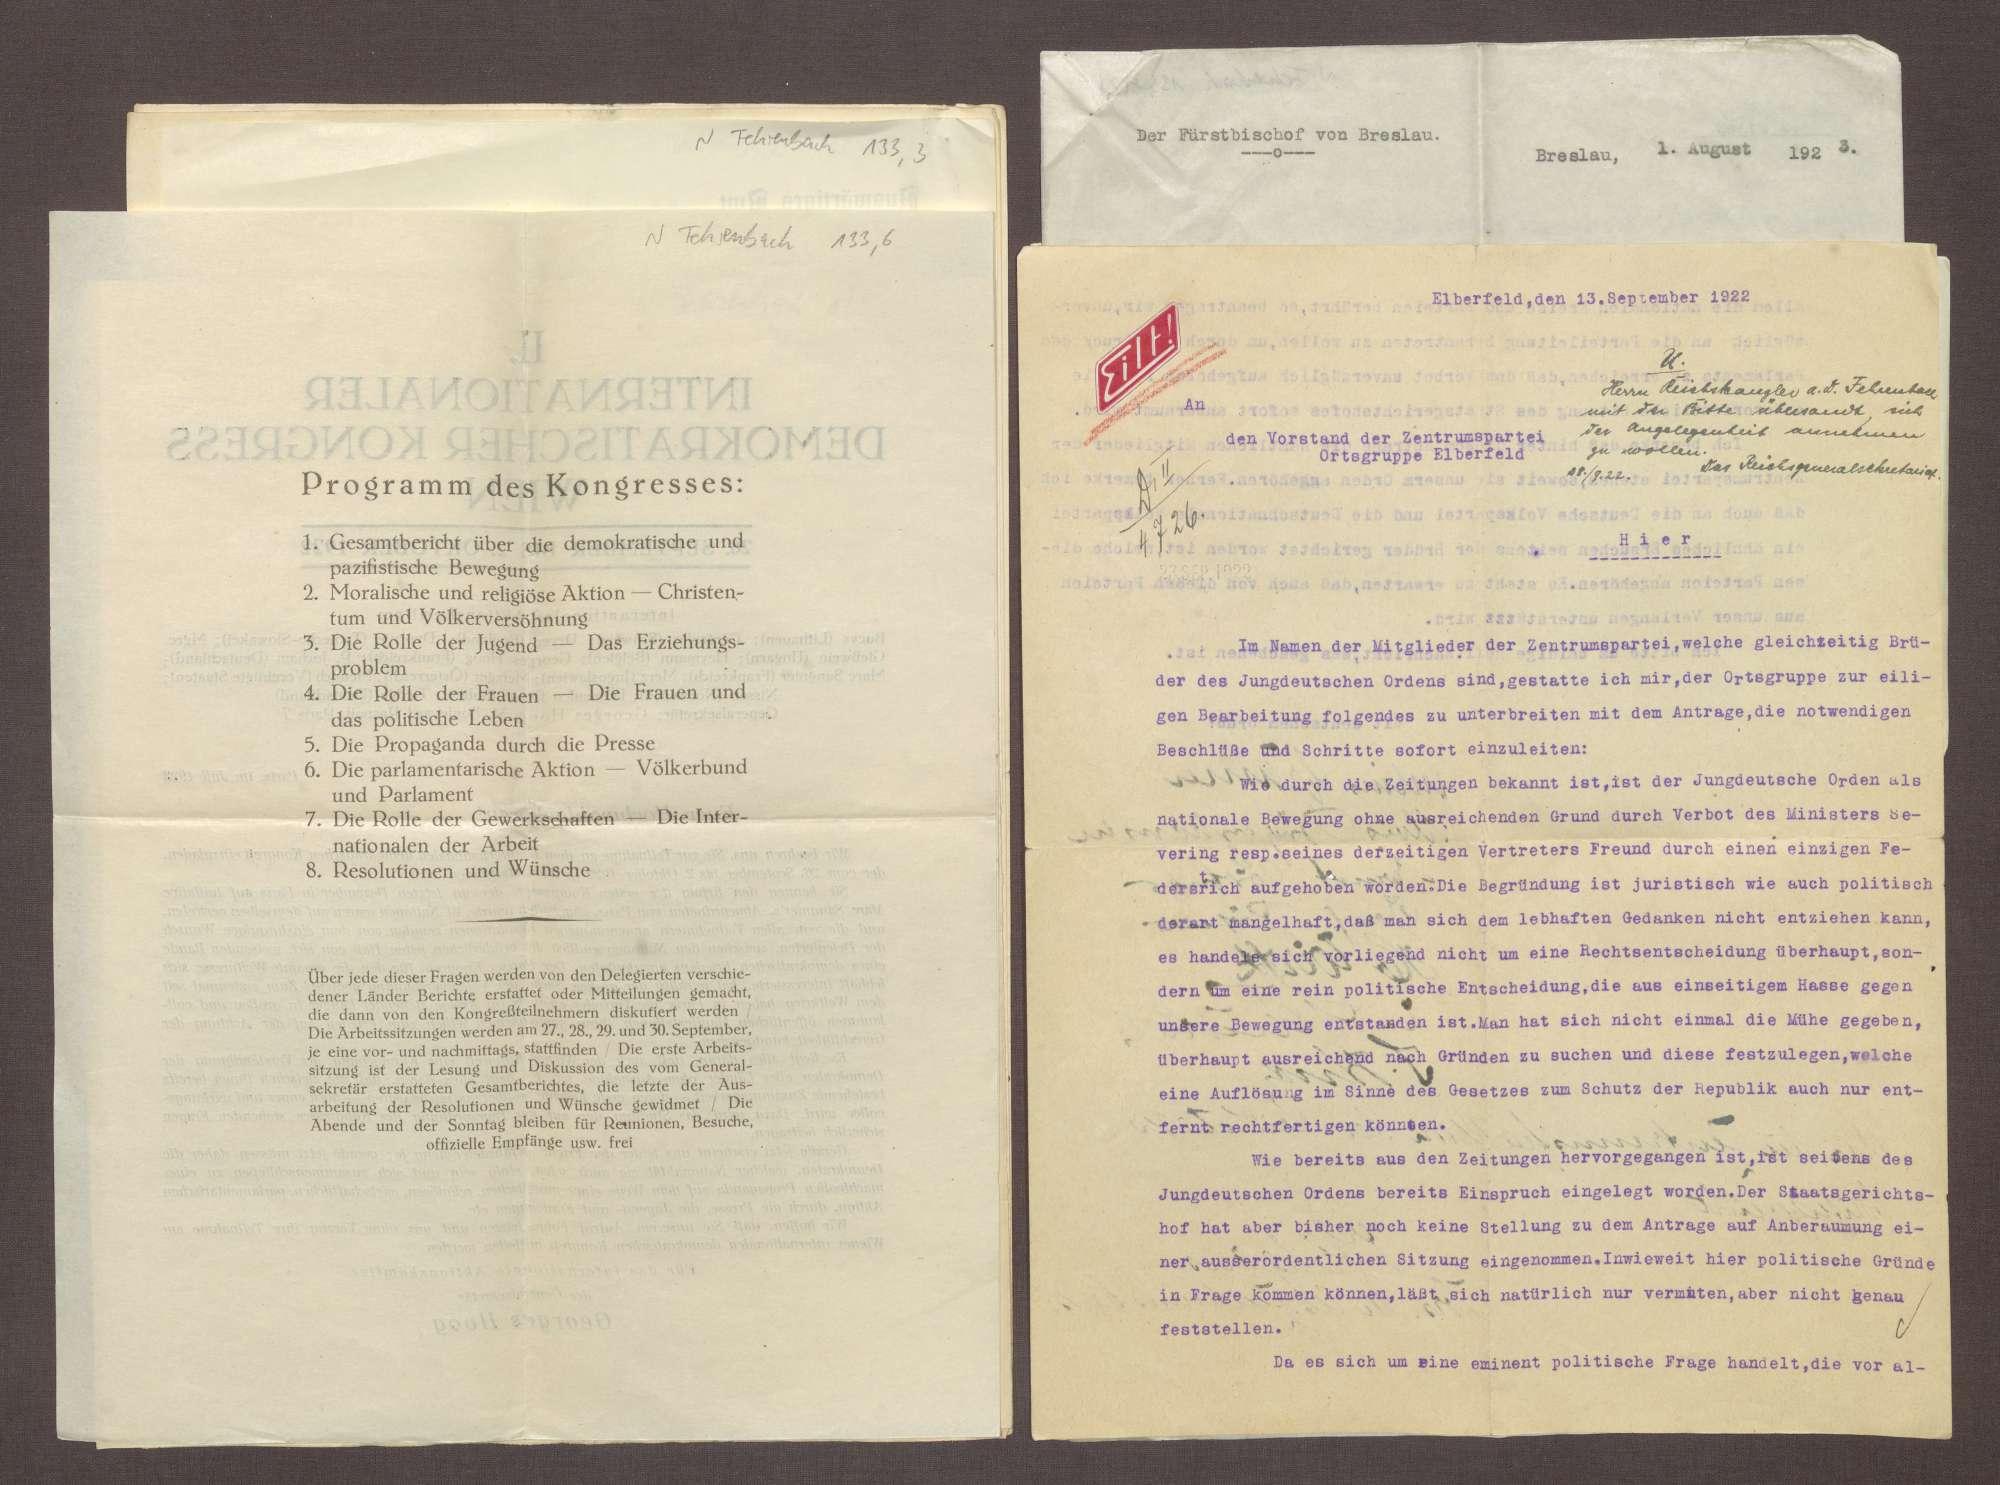 Schreiben des Jungdeutschen Ordens an die Zentrumspartei, Ortsgruppe Elberfeld, Einspruch gegen das Verbot des Jungdeutschen Ordens, Bild 1